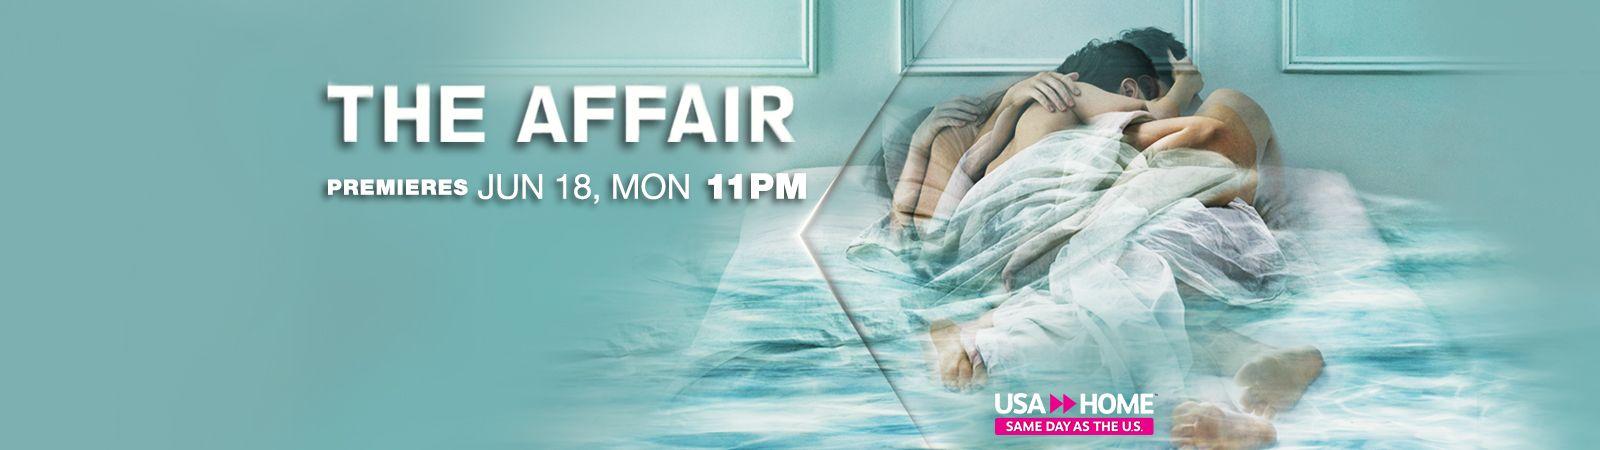 FX - The Affair S4